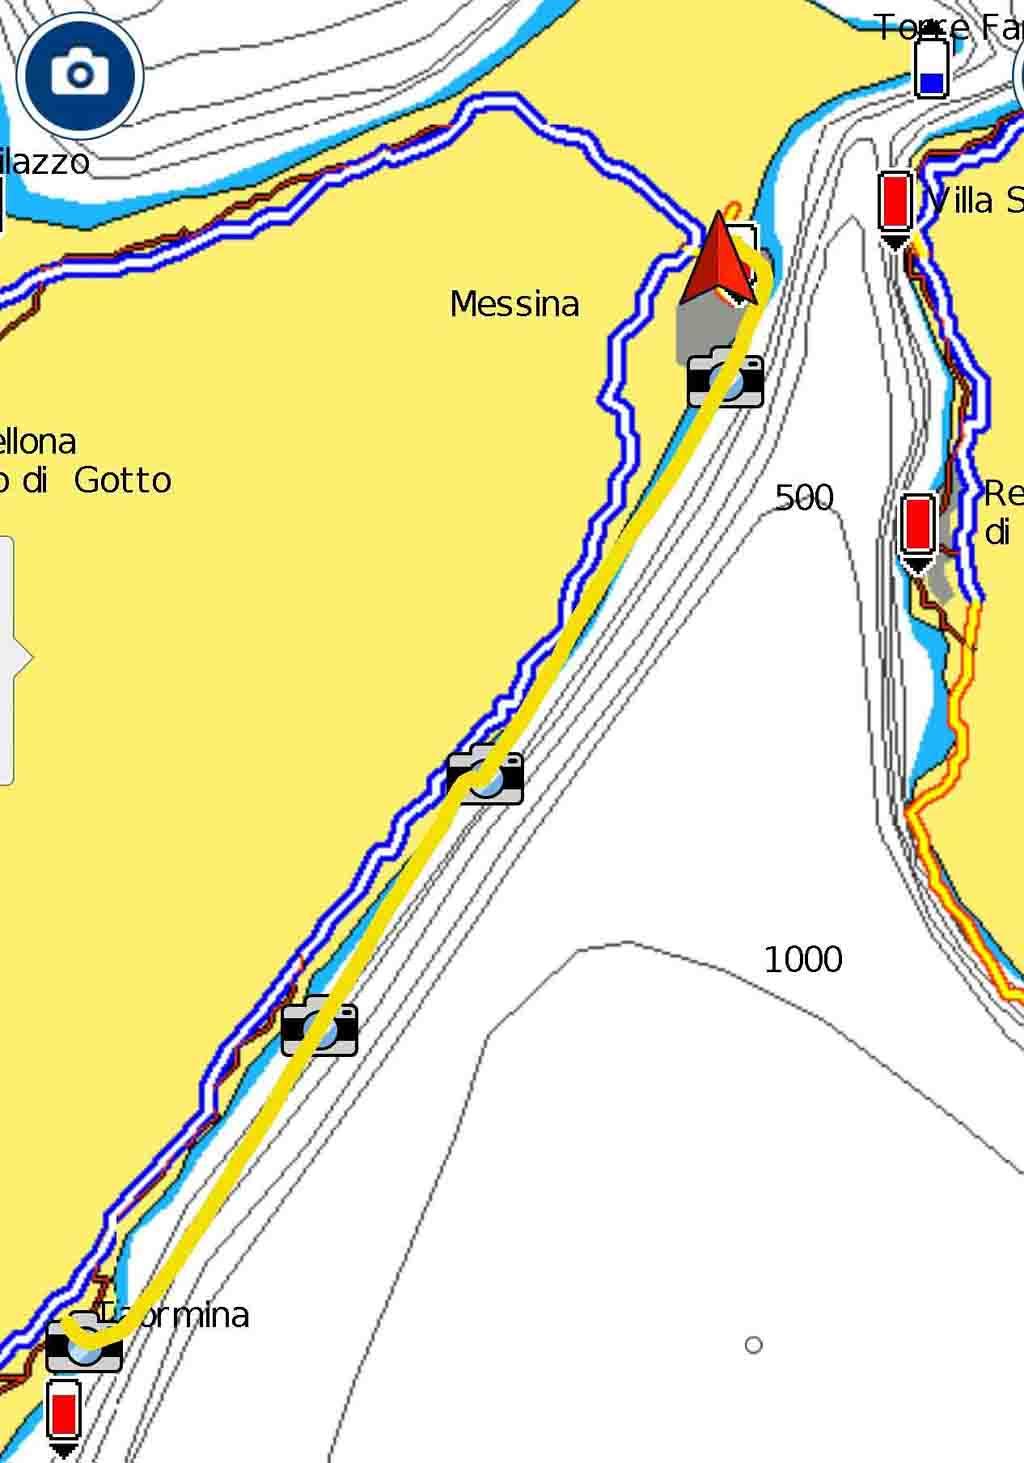 Taormina Messina rotta periplo Sicilia Fontaine Pajot Saba 50 catamarano barca a vela